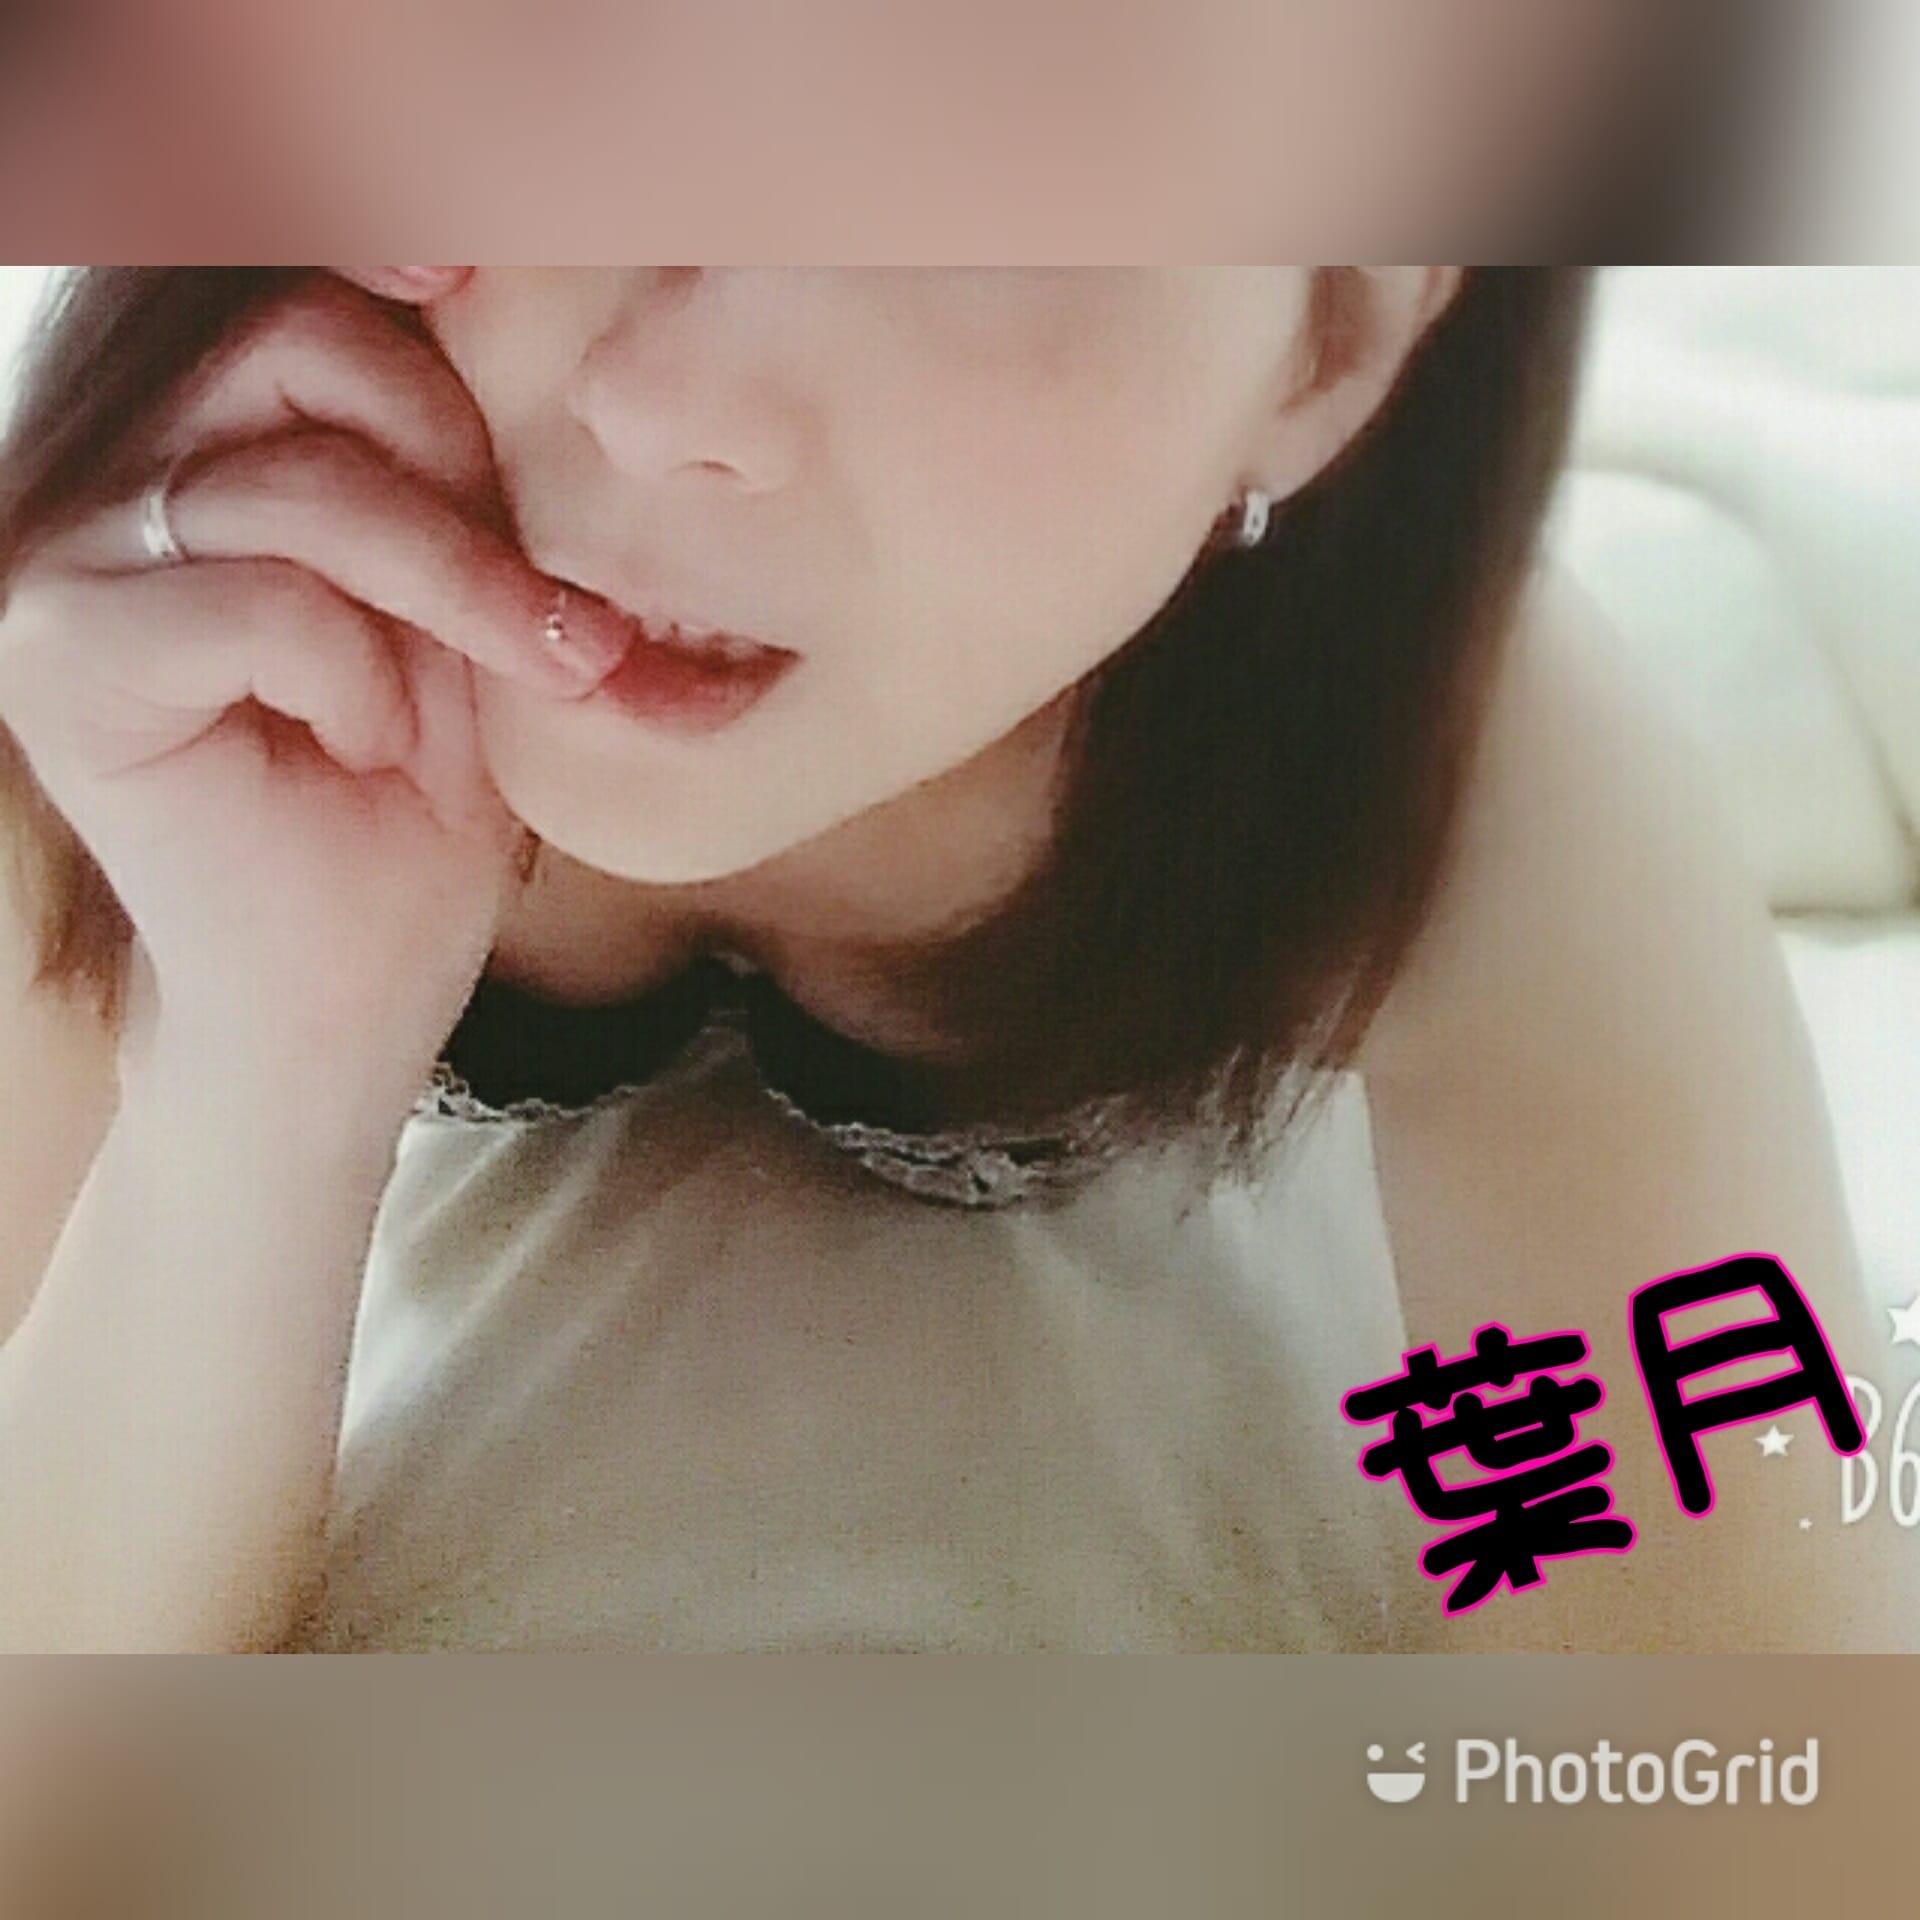 瀬戸葉月「ピアノのY様へ」04/24(火) 12:30 | 瀬戸葉月の写メ・風俗動画